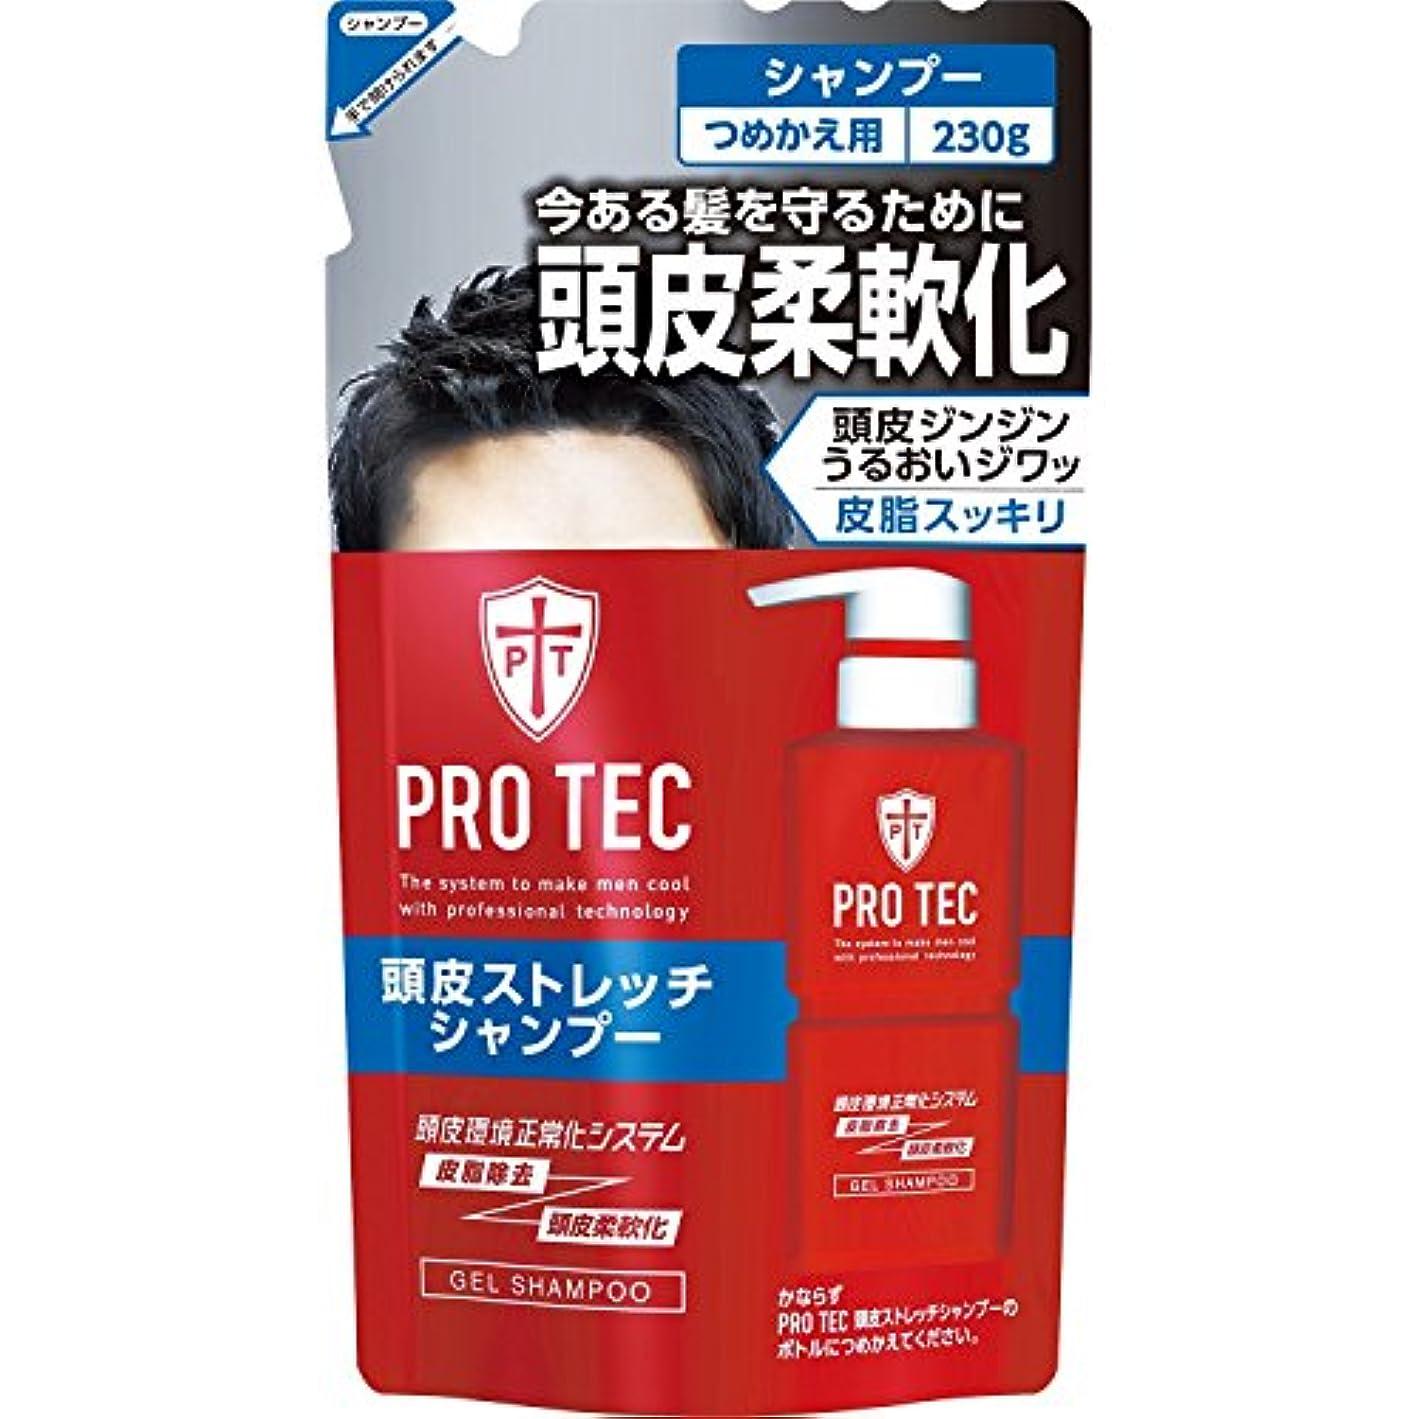 告白責置換PRO TEC(プロテク) 頭皮ストレッチ シャンプー 詰め替え 230g(医薬部外品)